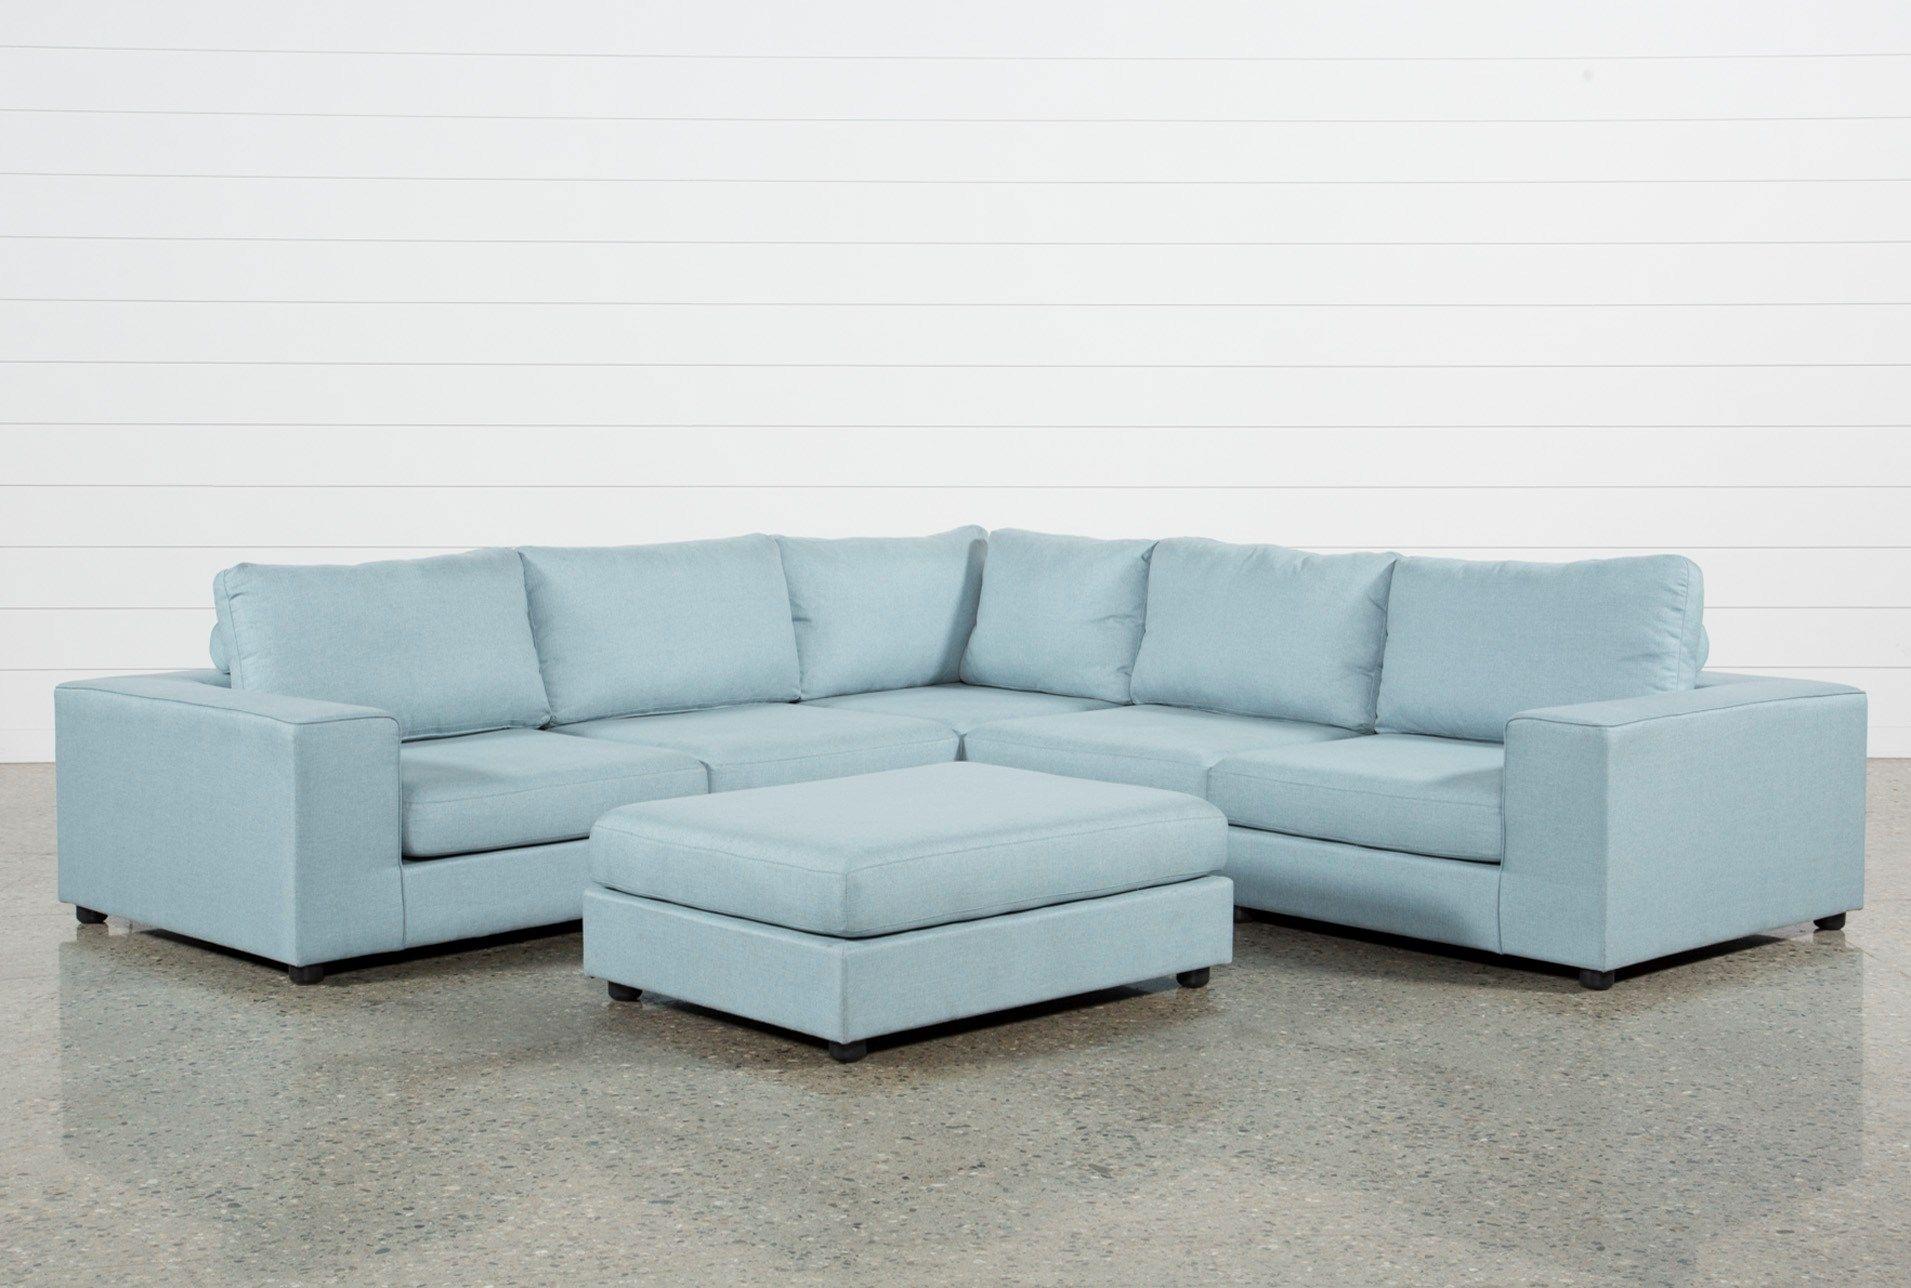 Josephine 2 Piece Sectional W/laf Sofa, Grey | Modular Design With Josephine 2 Piece Sectionals With Raf Sofa (Photo 2 of 25)